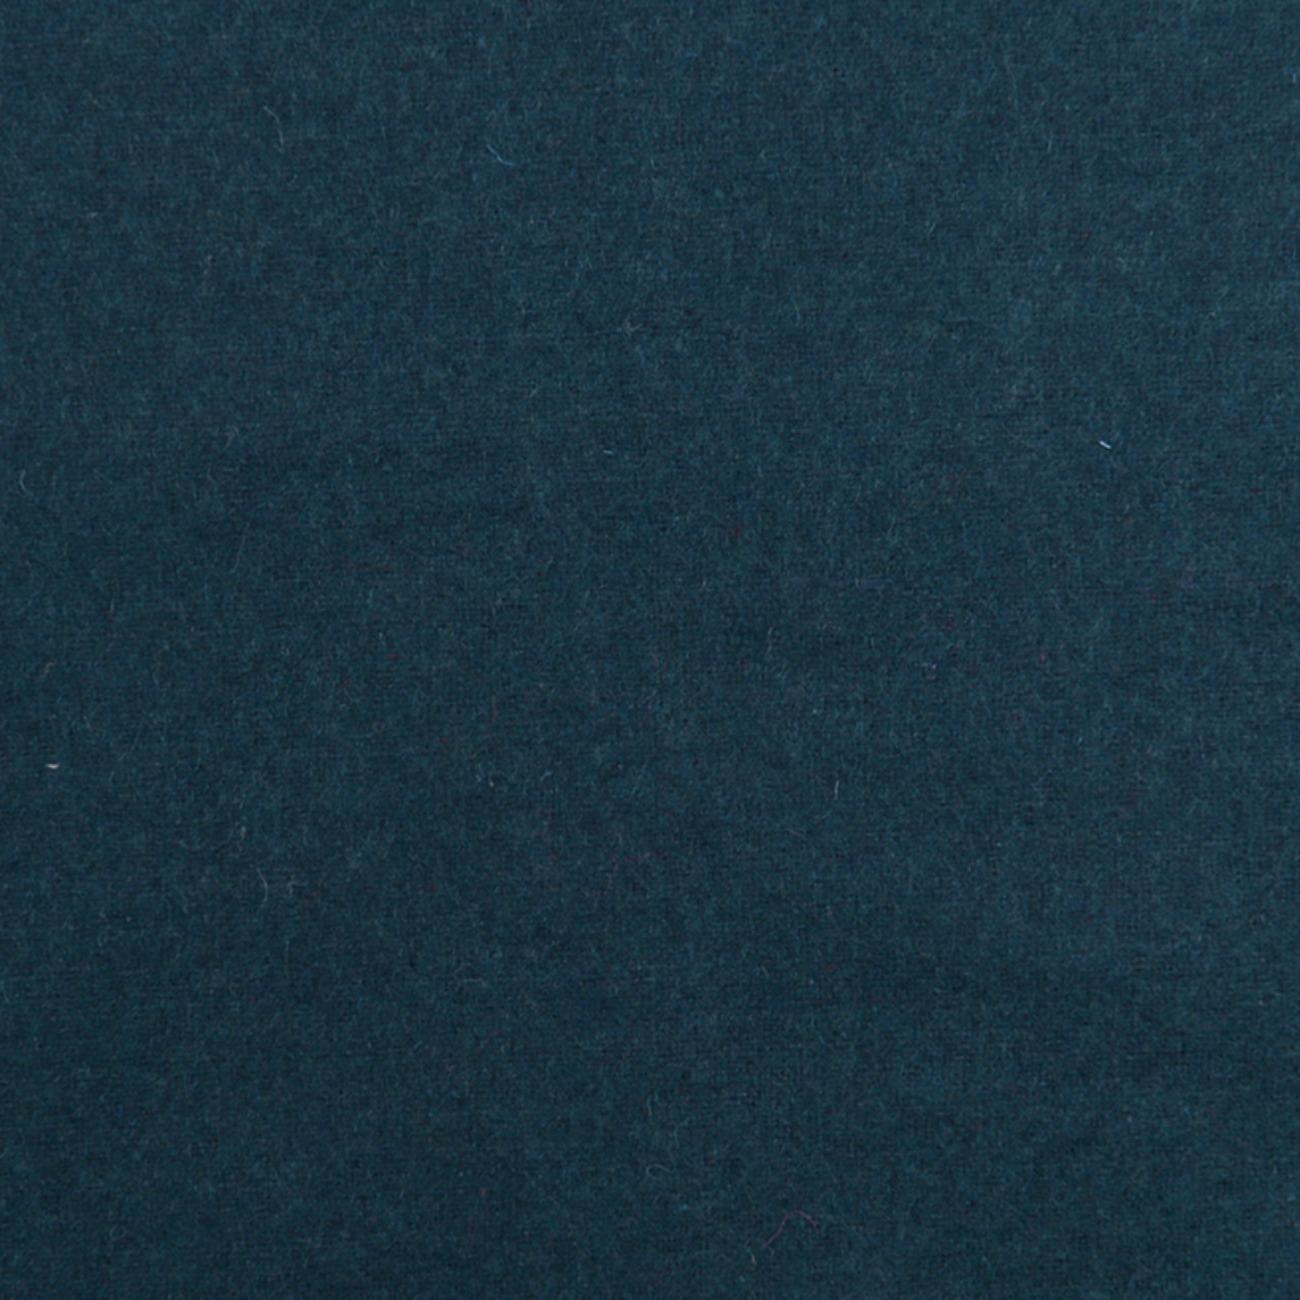 法兰绒 素色 梭织 染色 双面 无弹 大衣 外套 柔软 细腻 绒感 男装 女装 童装 秋冬 羊毛 71019-7